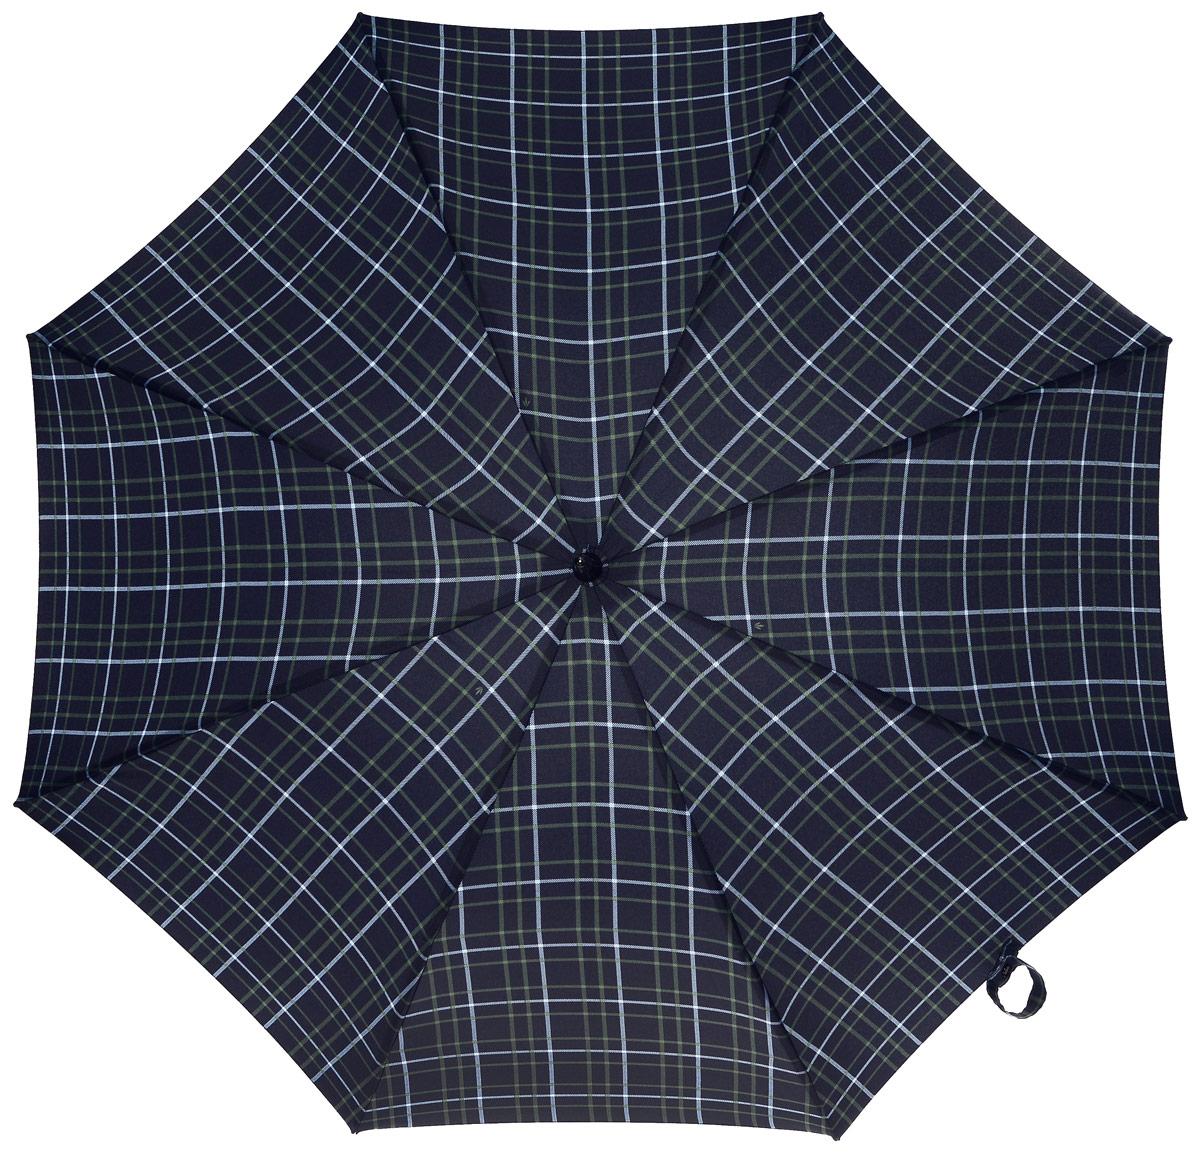 Зонт мужской трость Fulton, расцветка: клетка. G817-2640 DoubleCheckG817-2640 DoubleCheckКлассический мужской зонт-трость с двойной рамой. Стальной стержень 14 мм в диаметре Двойная стальная рама Ручка из натурального дерева Длина зонта в сложенном виде 90 см, диаметр купола 106 см